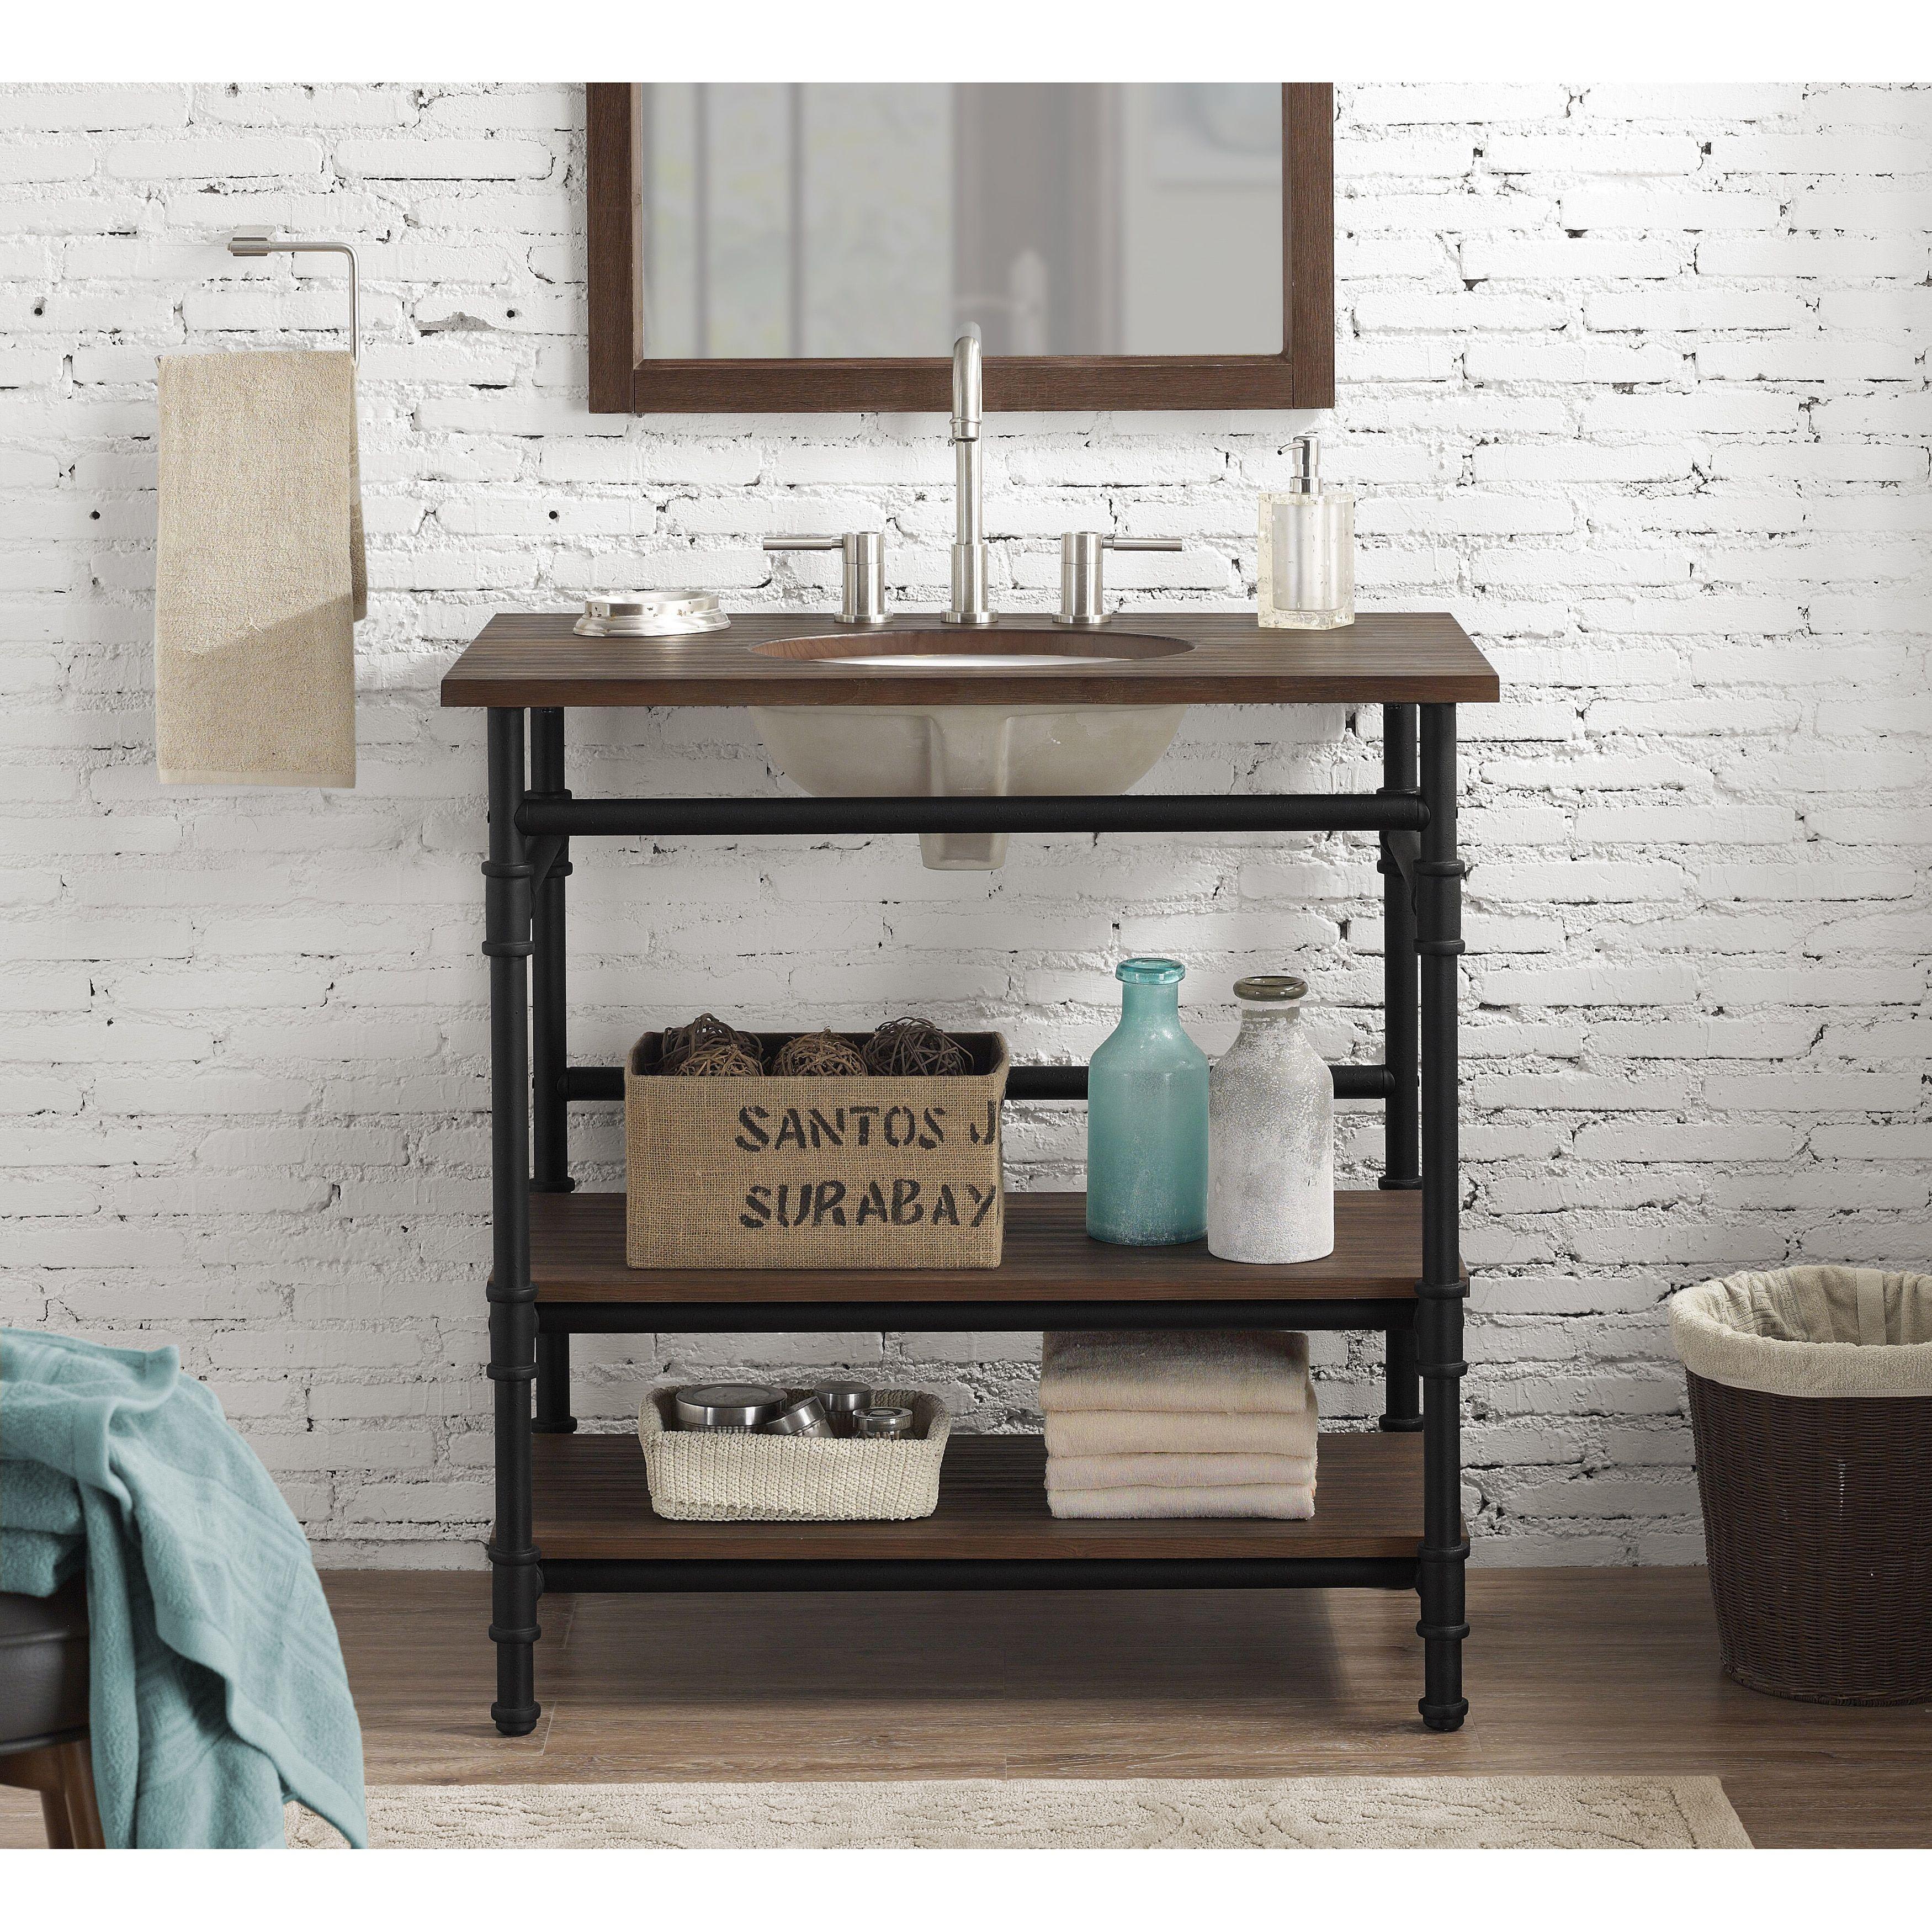 36 inch industrial open shelf vanity overstock com shopping the best deals on bathroom vanities